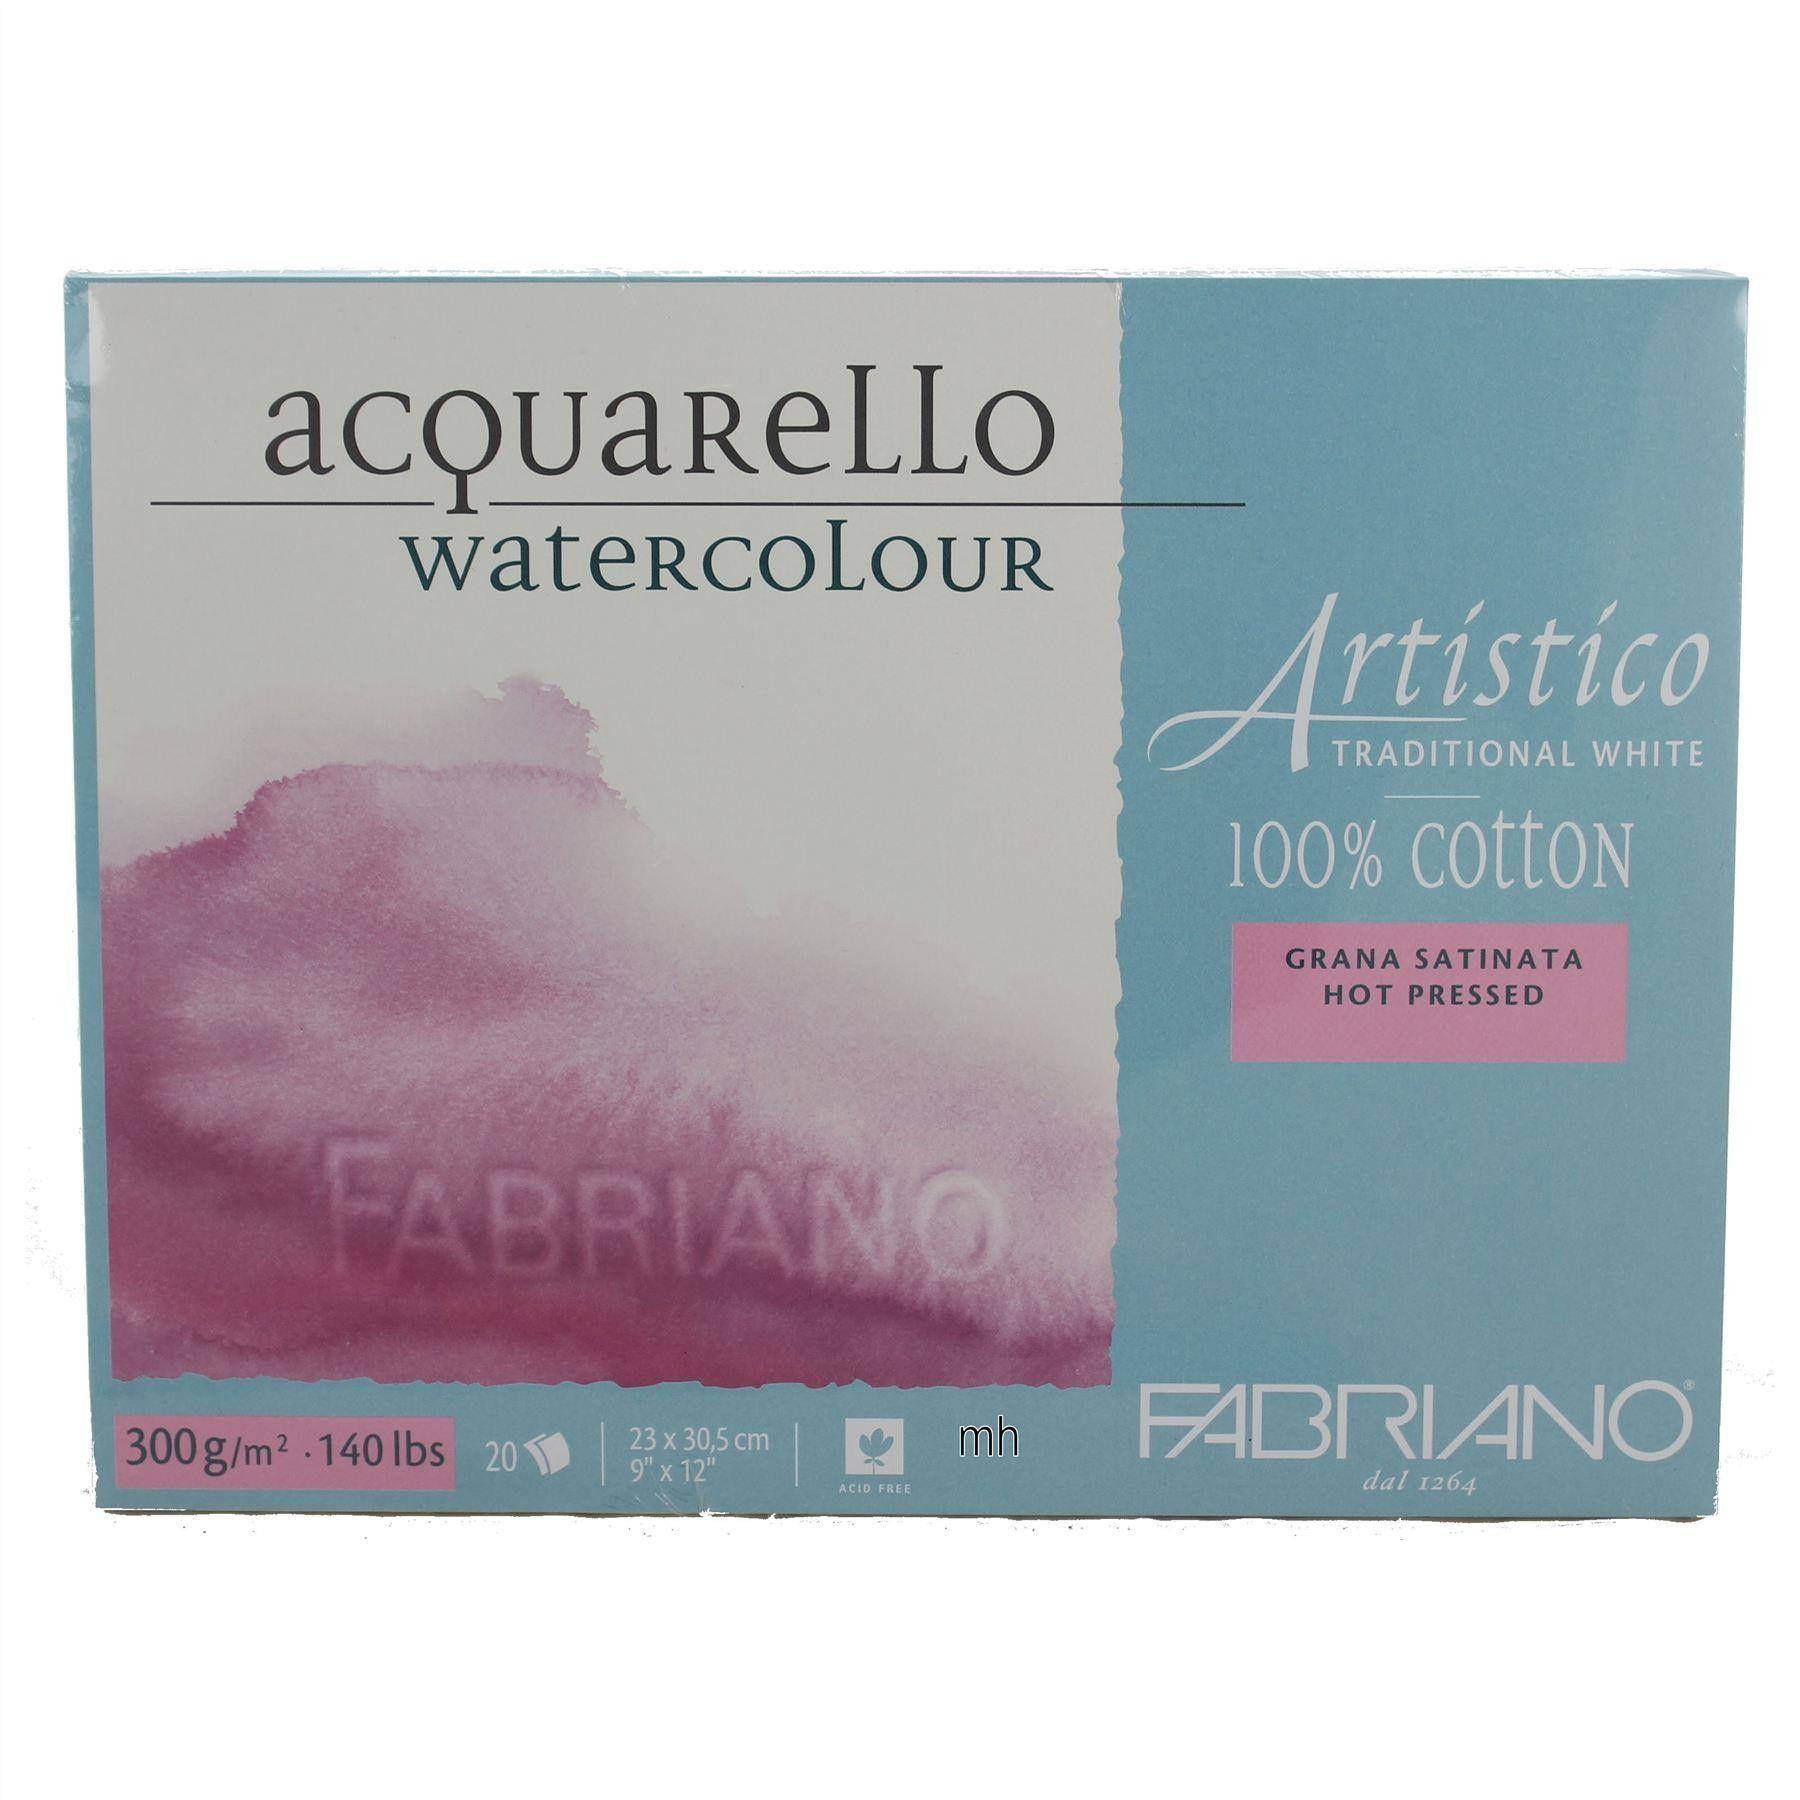 Fabriano Artistico Acquarello Traditional White 100 Cotton Hot